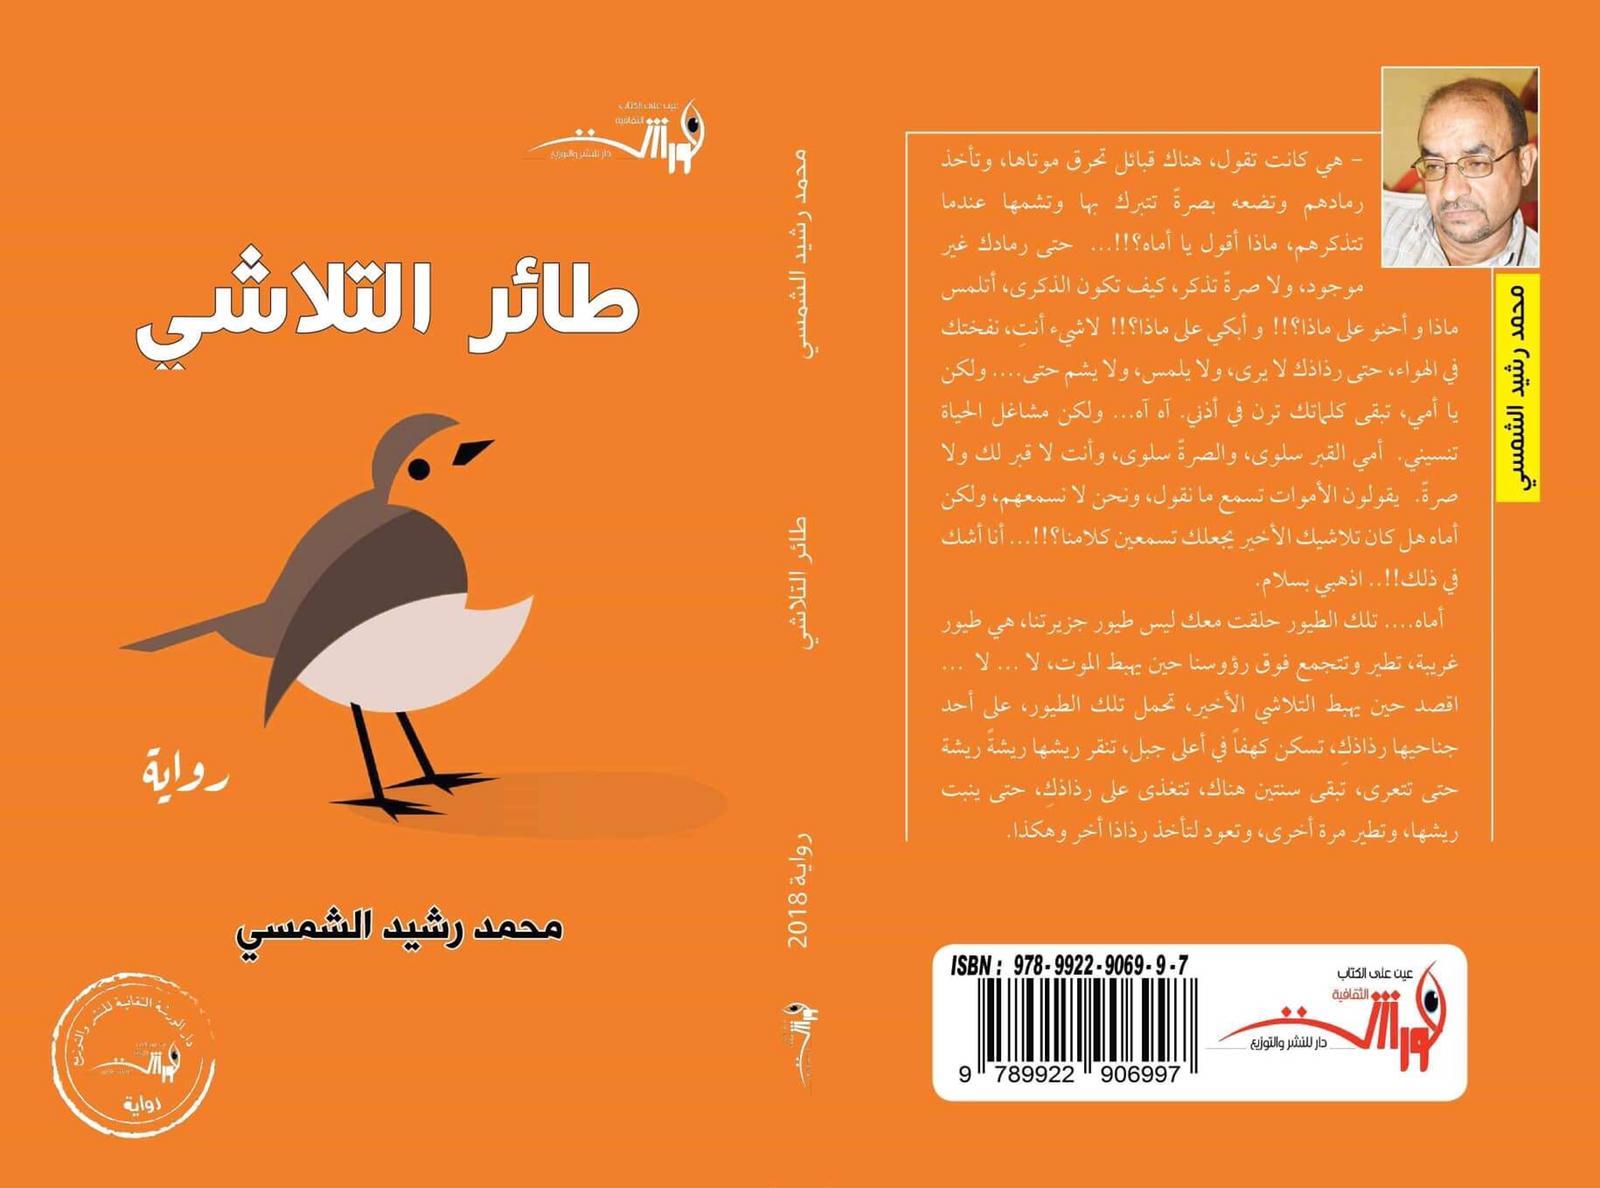 """رواية """" طائر التلاشي"""" و قصدية الخطاب بين النص والكاتب"""